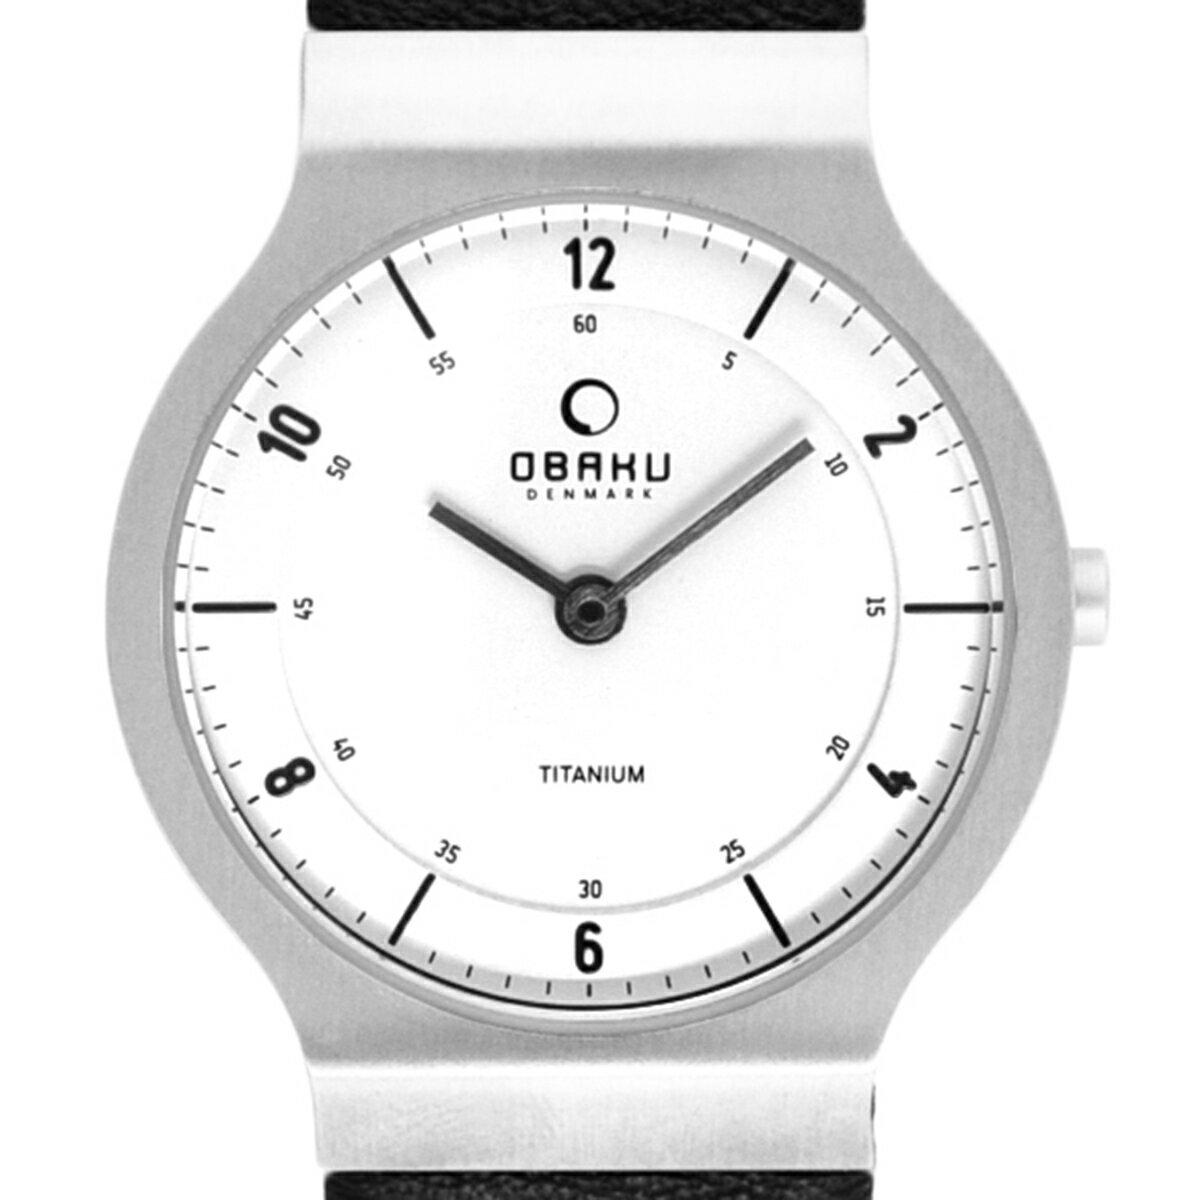 【ポイント10倍】【残り1点】OBAKU オバック クォーツ 腕時計 デンマーク シンプル 薄型 ファッション [V133LTIRB] 並行輸入品 純正ケース メーカー保証